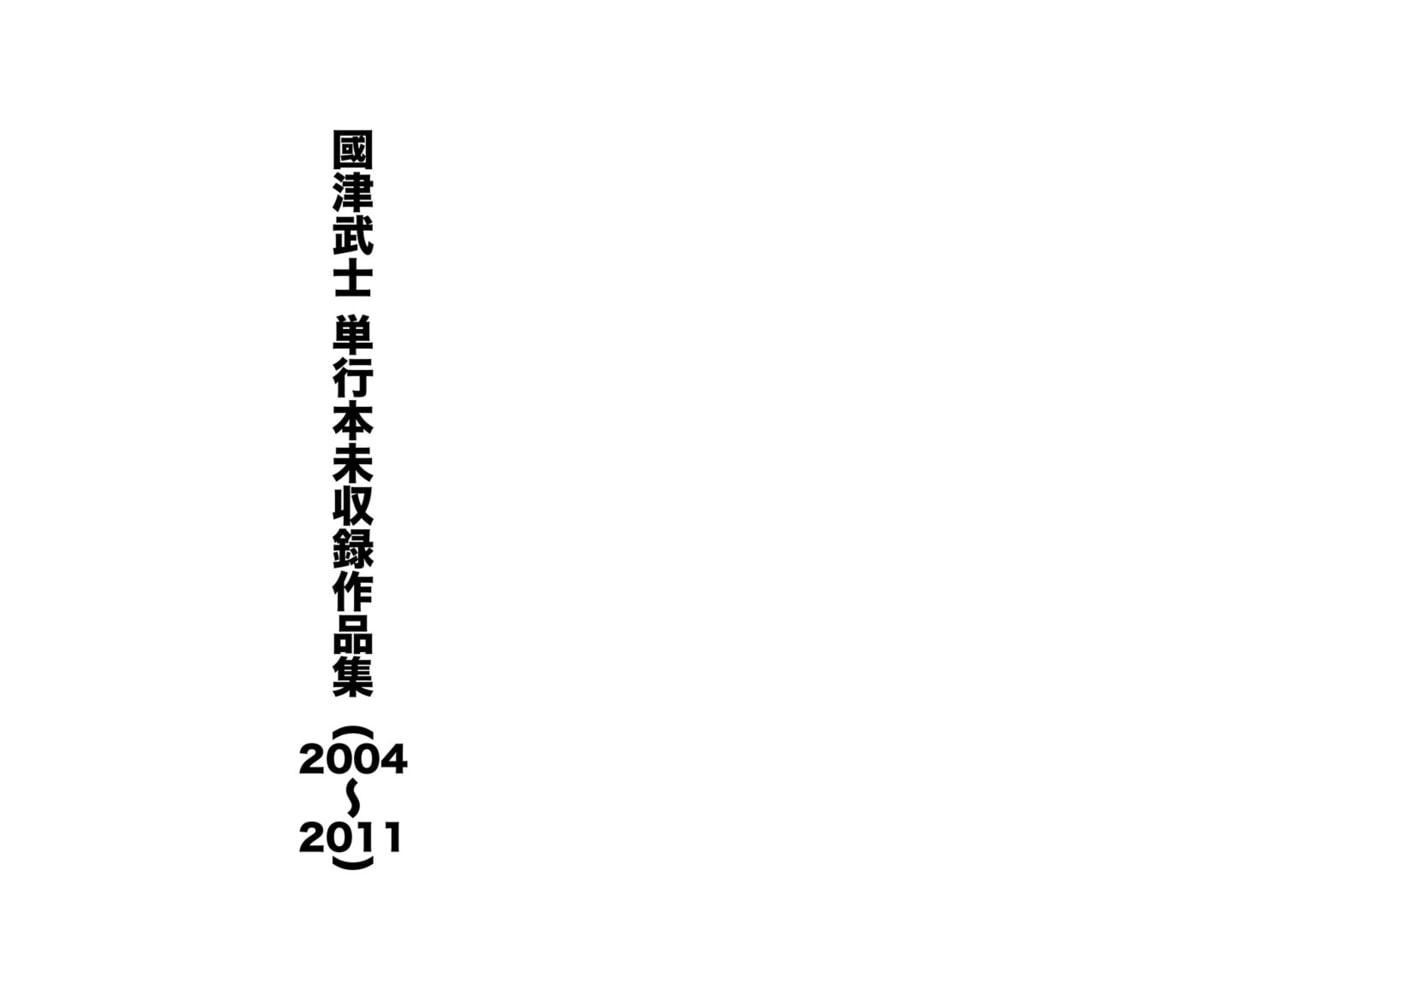 國津武士 単行本未収録作品集(2004~2011)